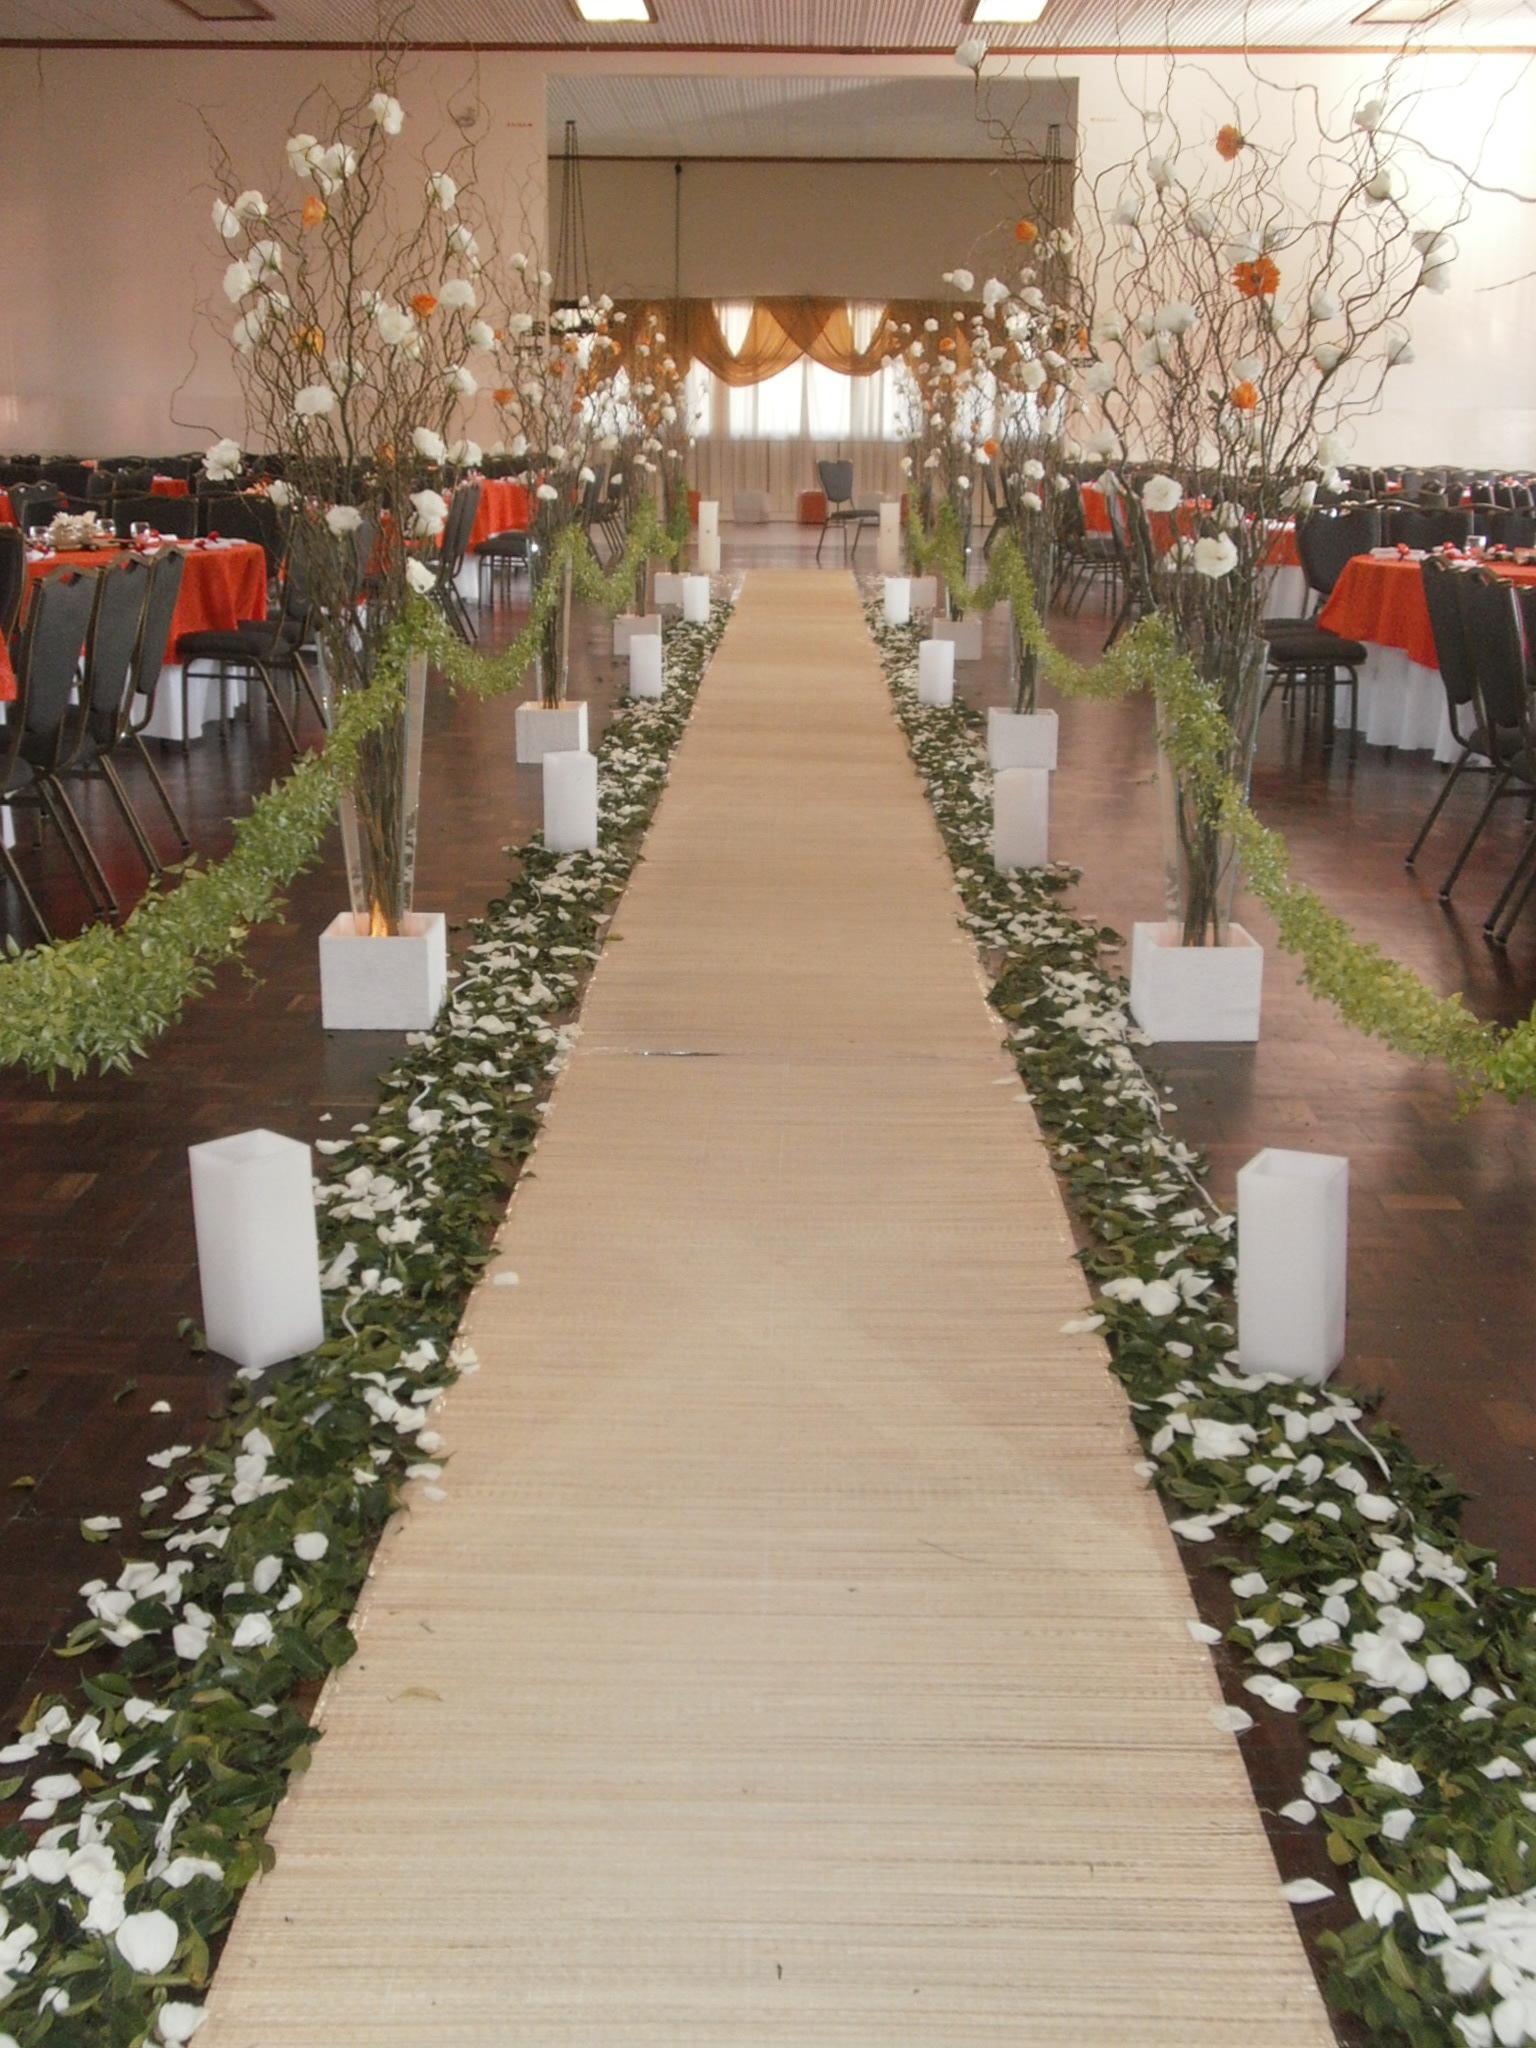 decoracao casamento provencal:Decoração Provençal Casamento Decoração Provençal Casamento